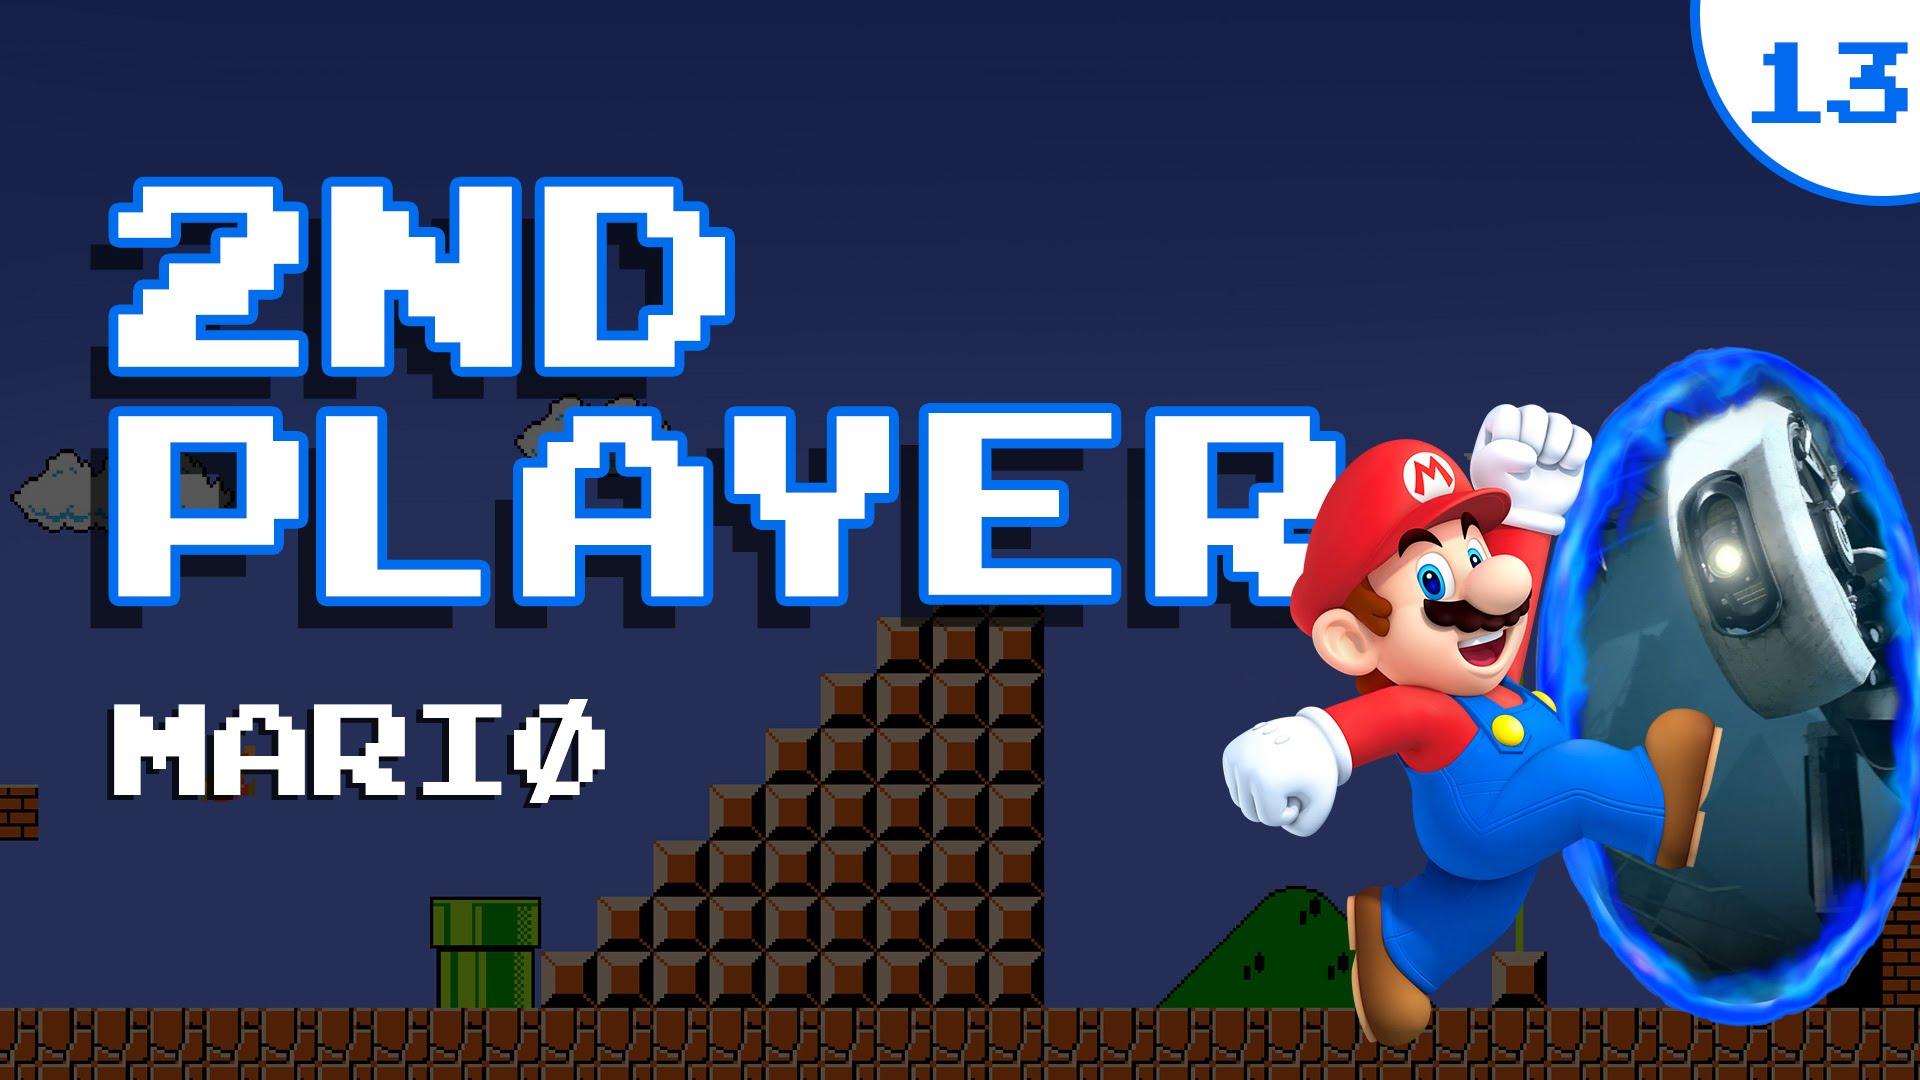 Super Mario tem um acessório novo criado pela Aperture Laboratories